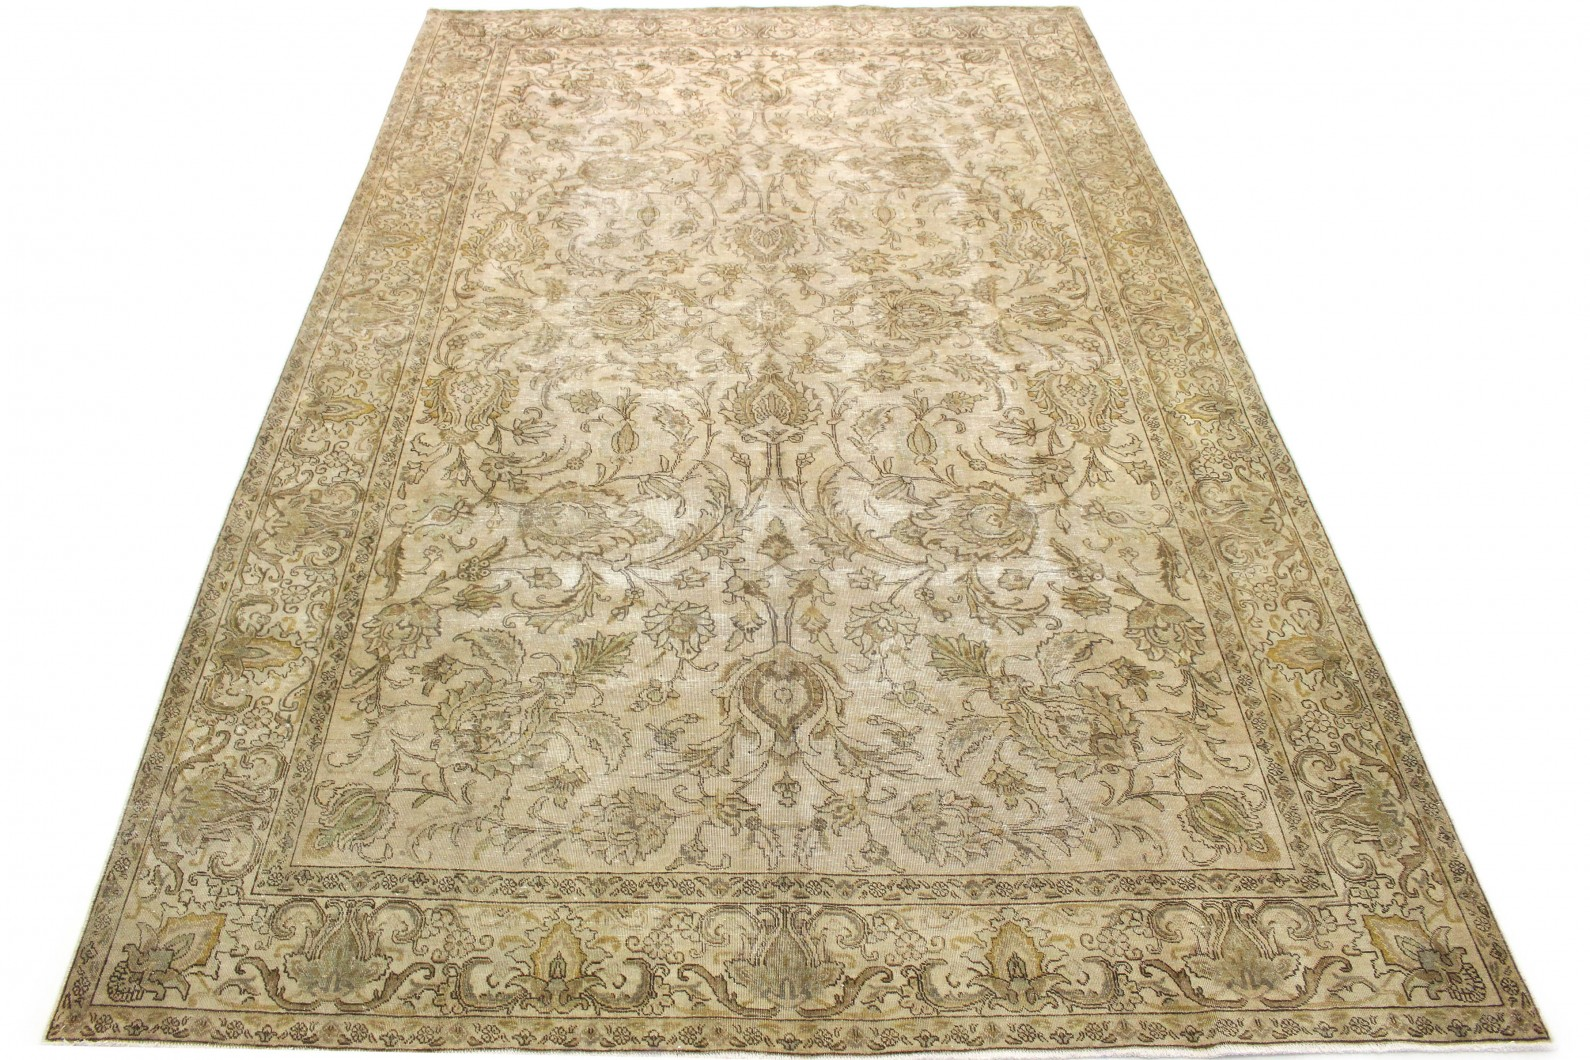 Vintage Teppich Beige Braun Grau in 480x290 (1 / 6)